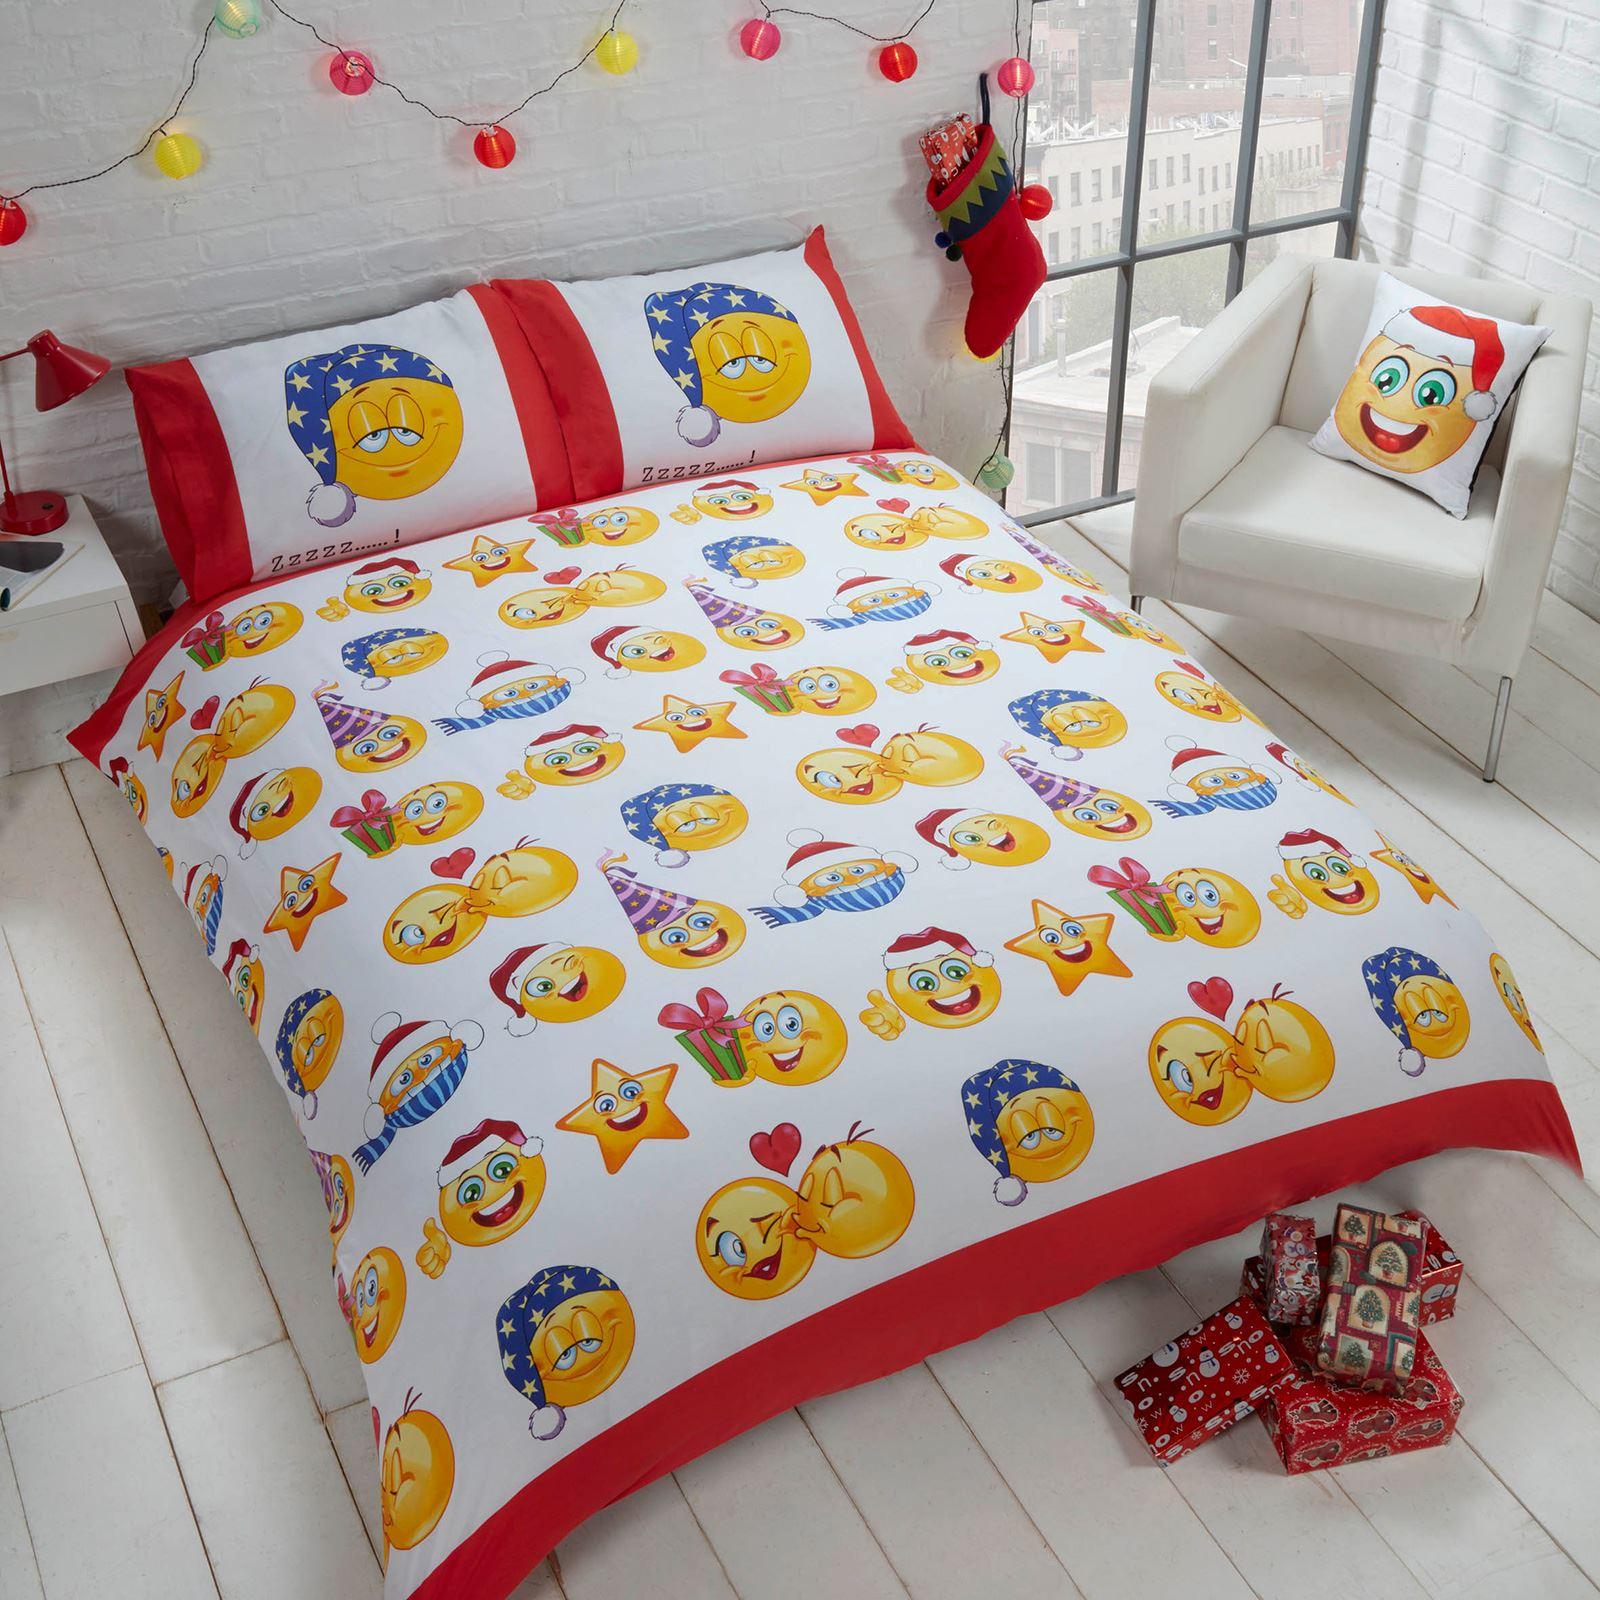 Indexbild 40 - Teenager Bettwäsche Sets - Einzel / Doppelbett Bettwäsche Jungen Musik Graffiti